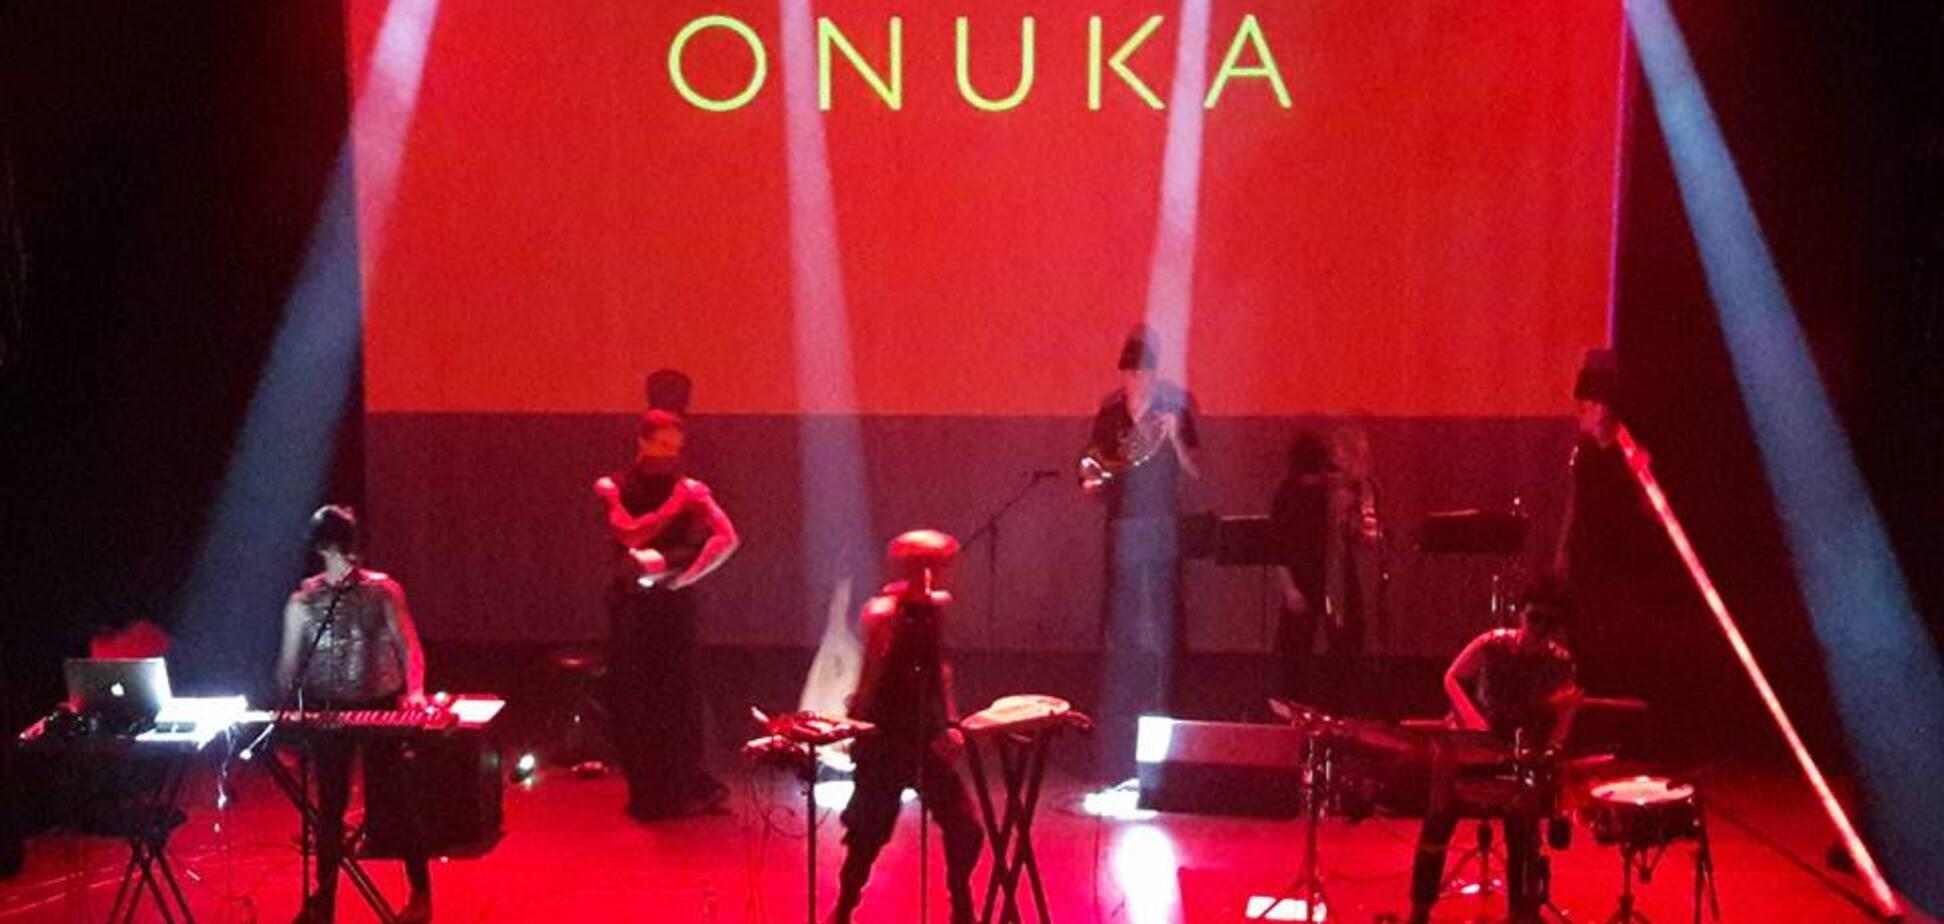 ONUKA выступила в Чехии, несмотря на скандал с российскими музыкантами. Опубликованы фото и видео